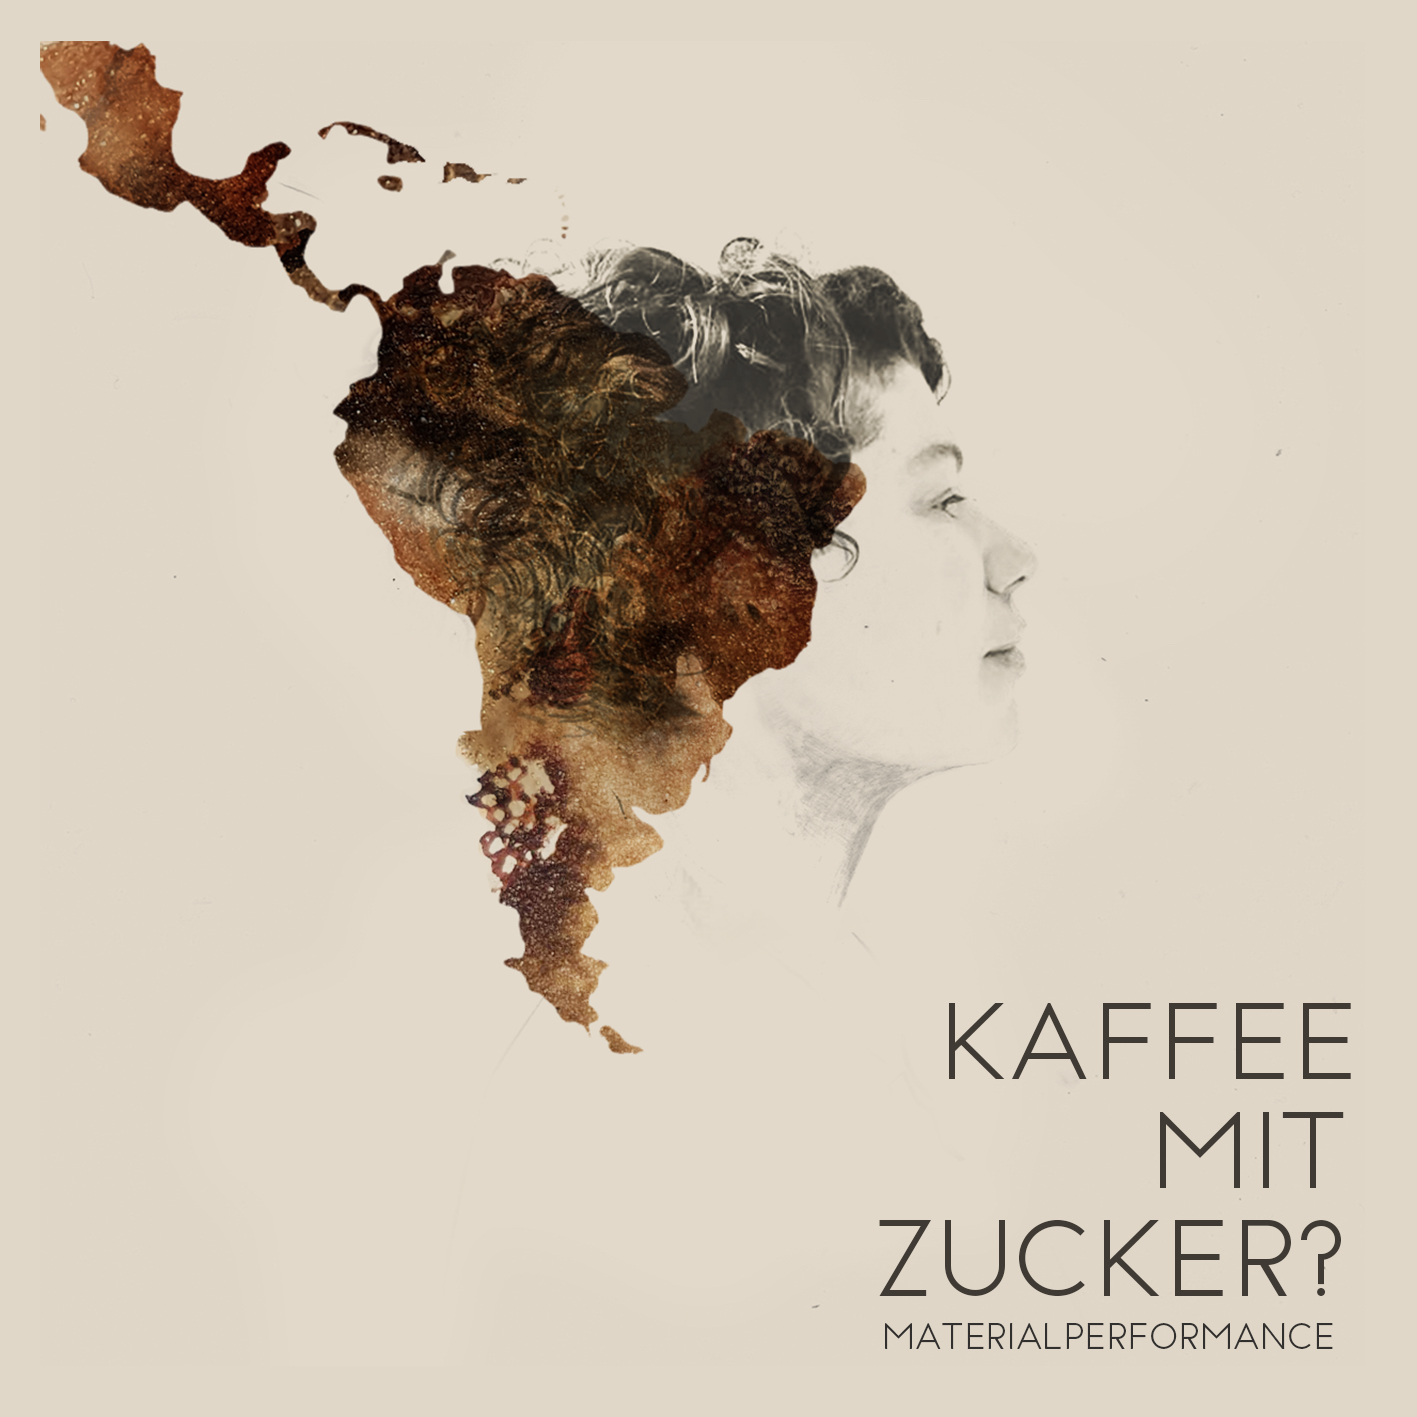 Kaffee mit Zucker?